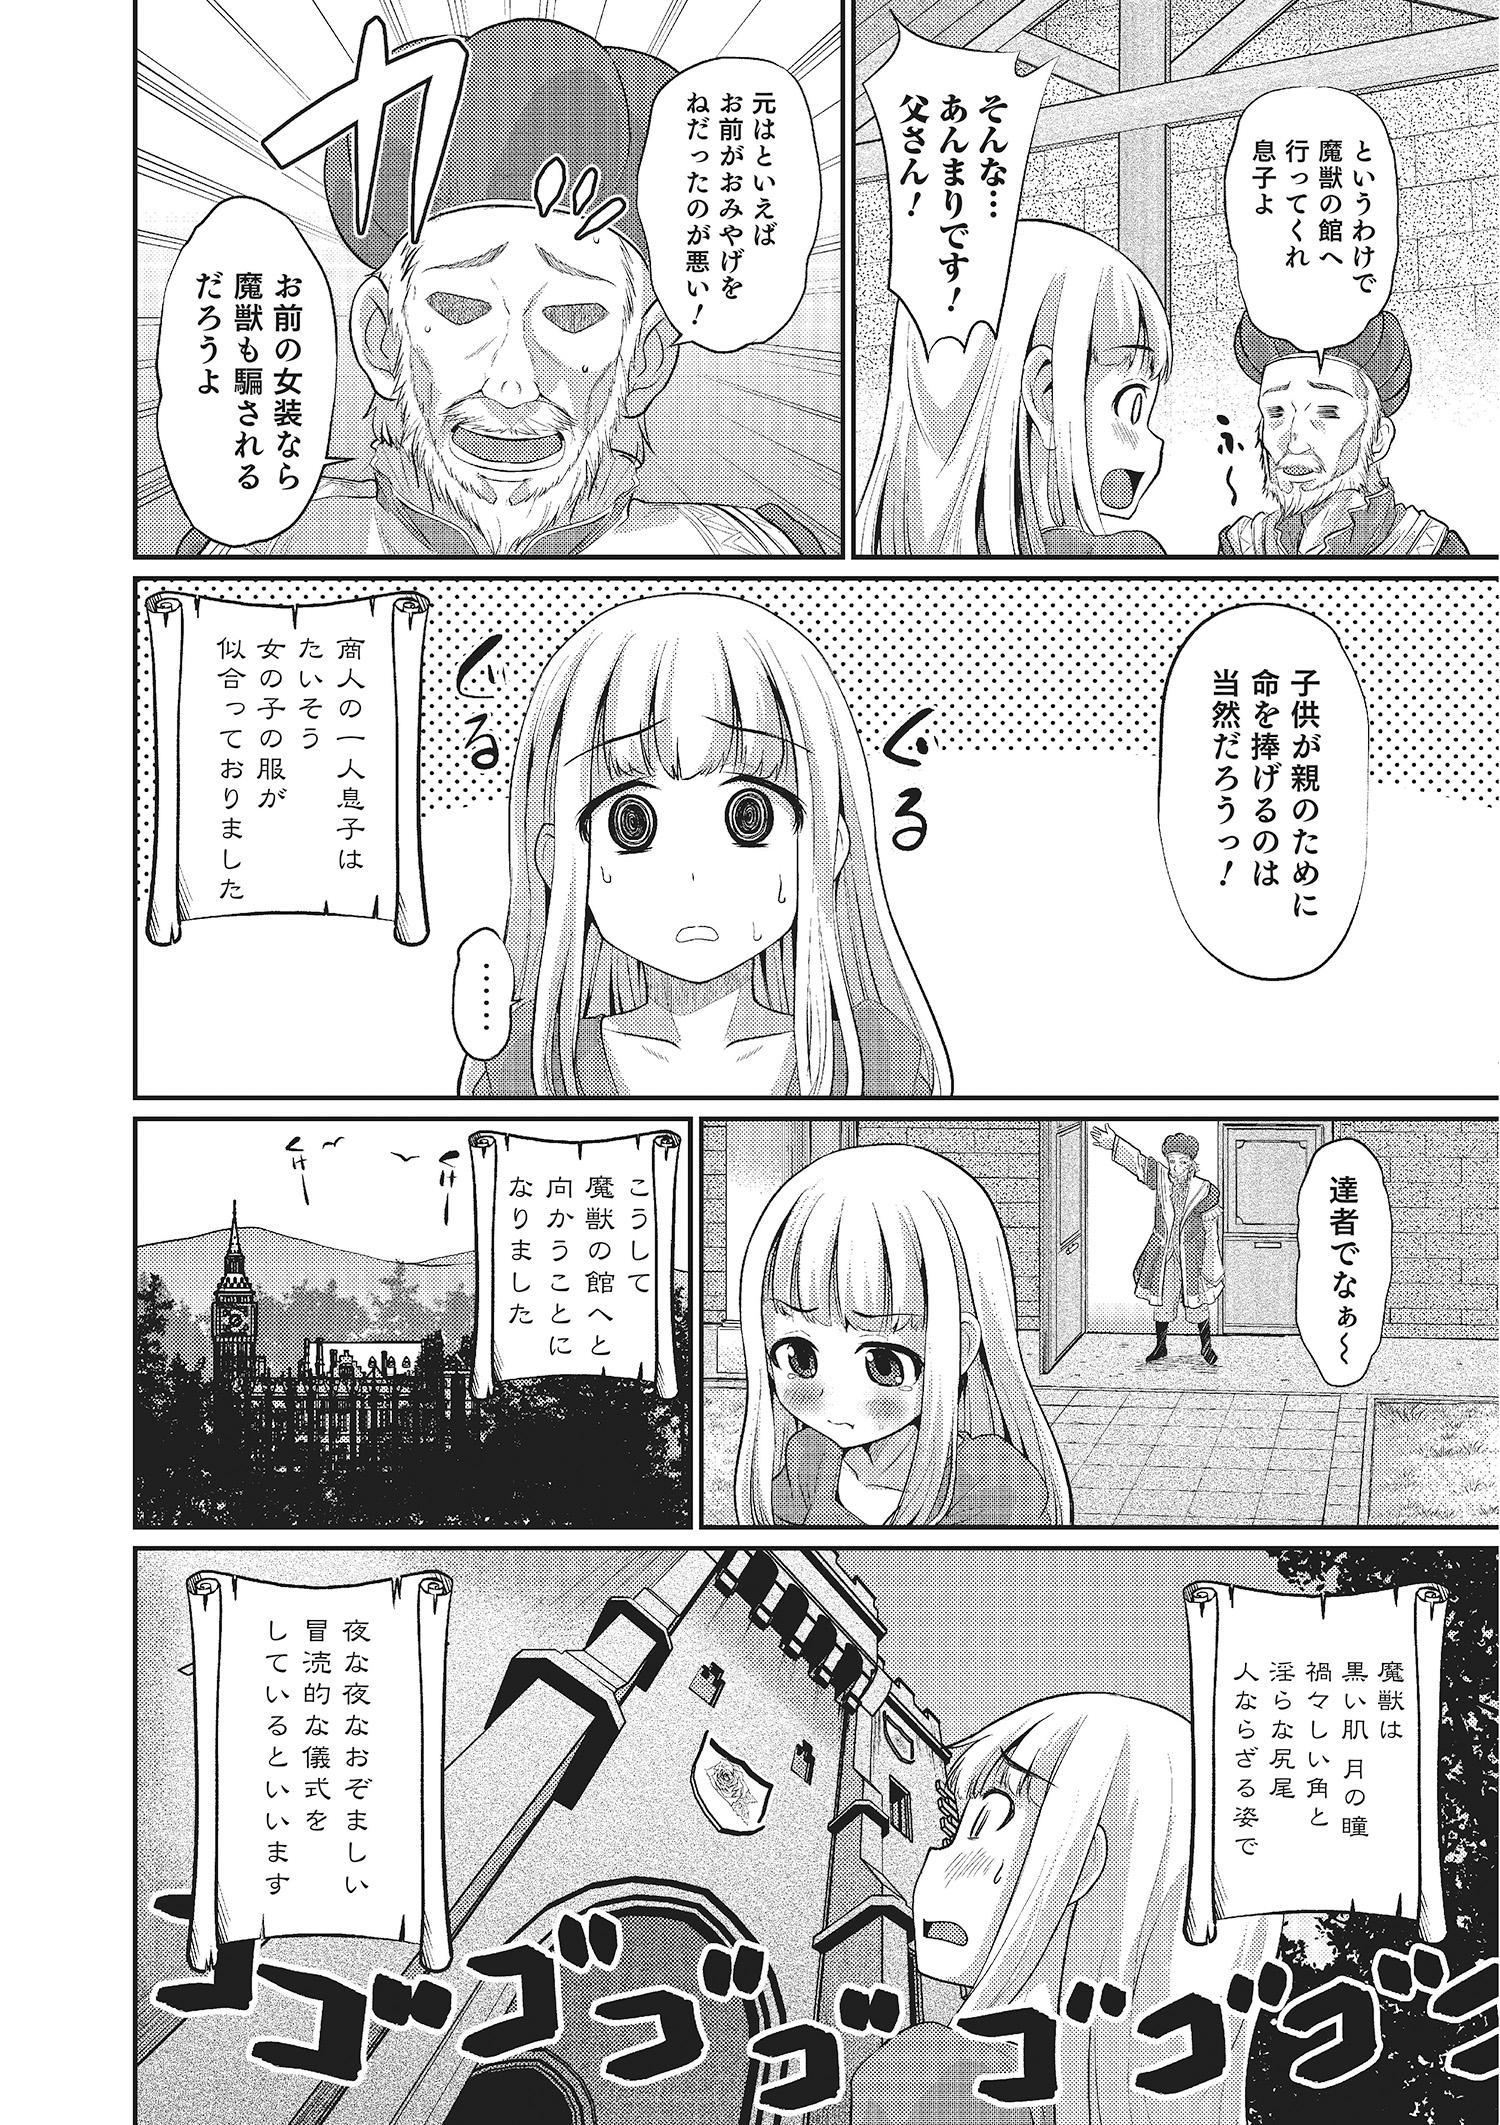 Otokonoko HEAVEN Vol. 22 28